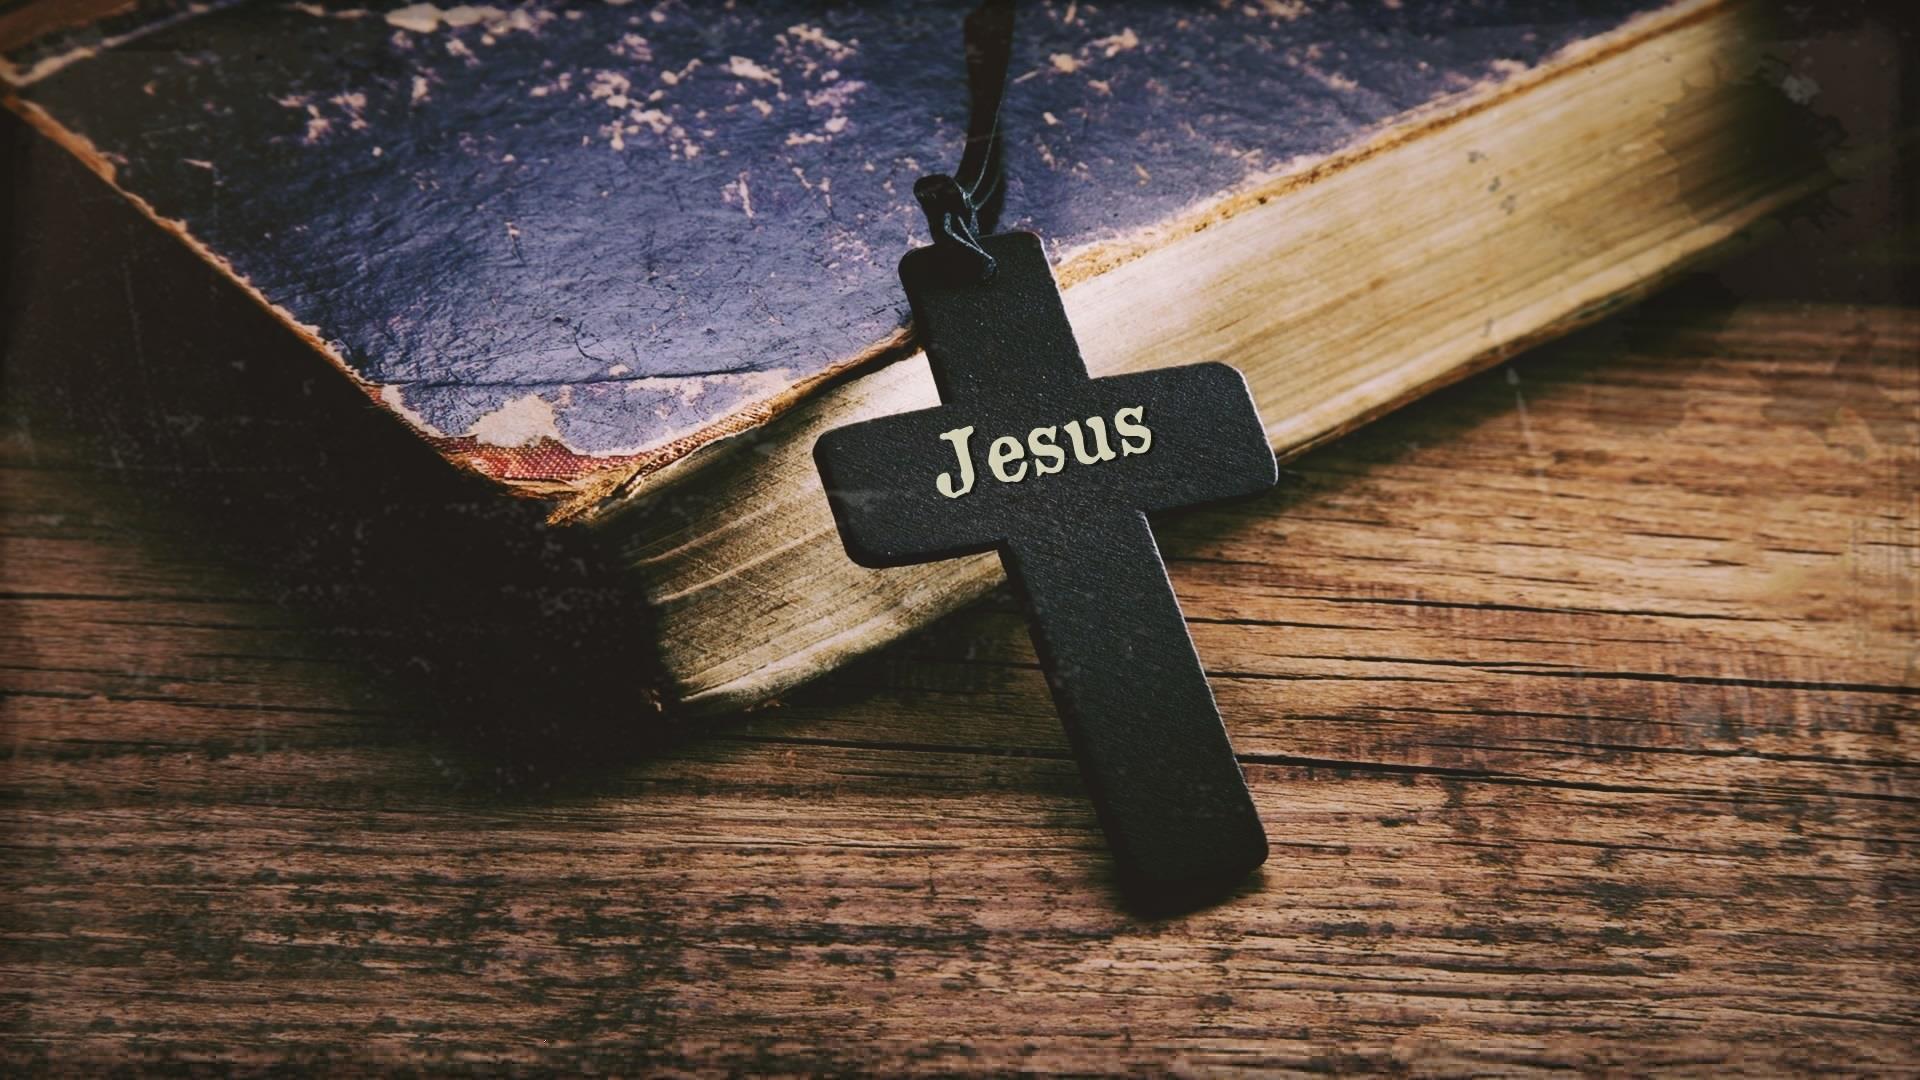 библейские картинки для рабочего стола будут уместны